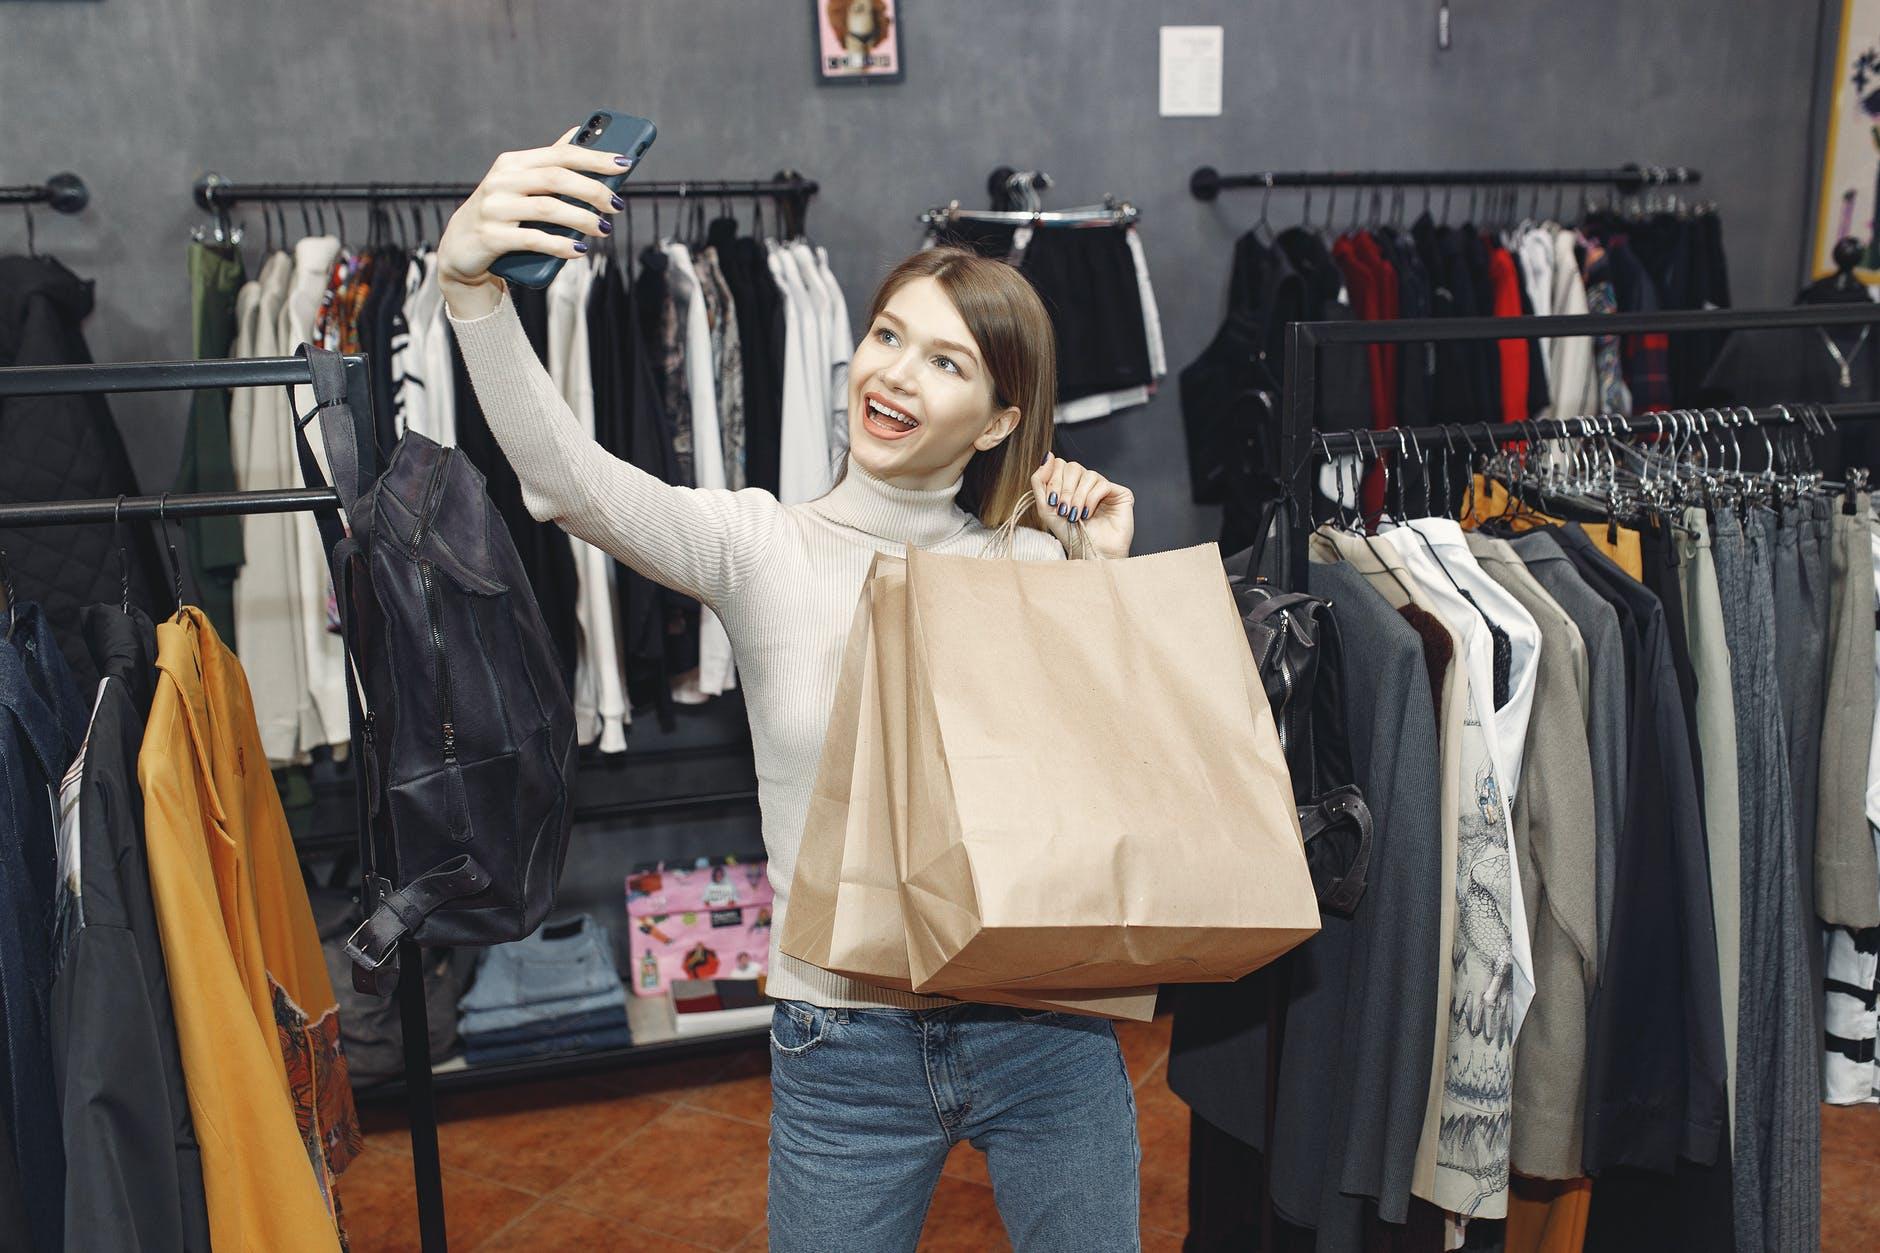 ديكورات محلات ملابس للمساحات الصغيرة